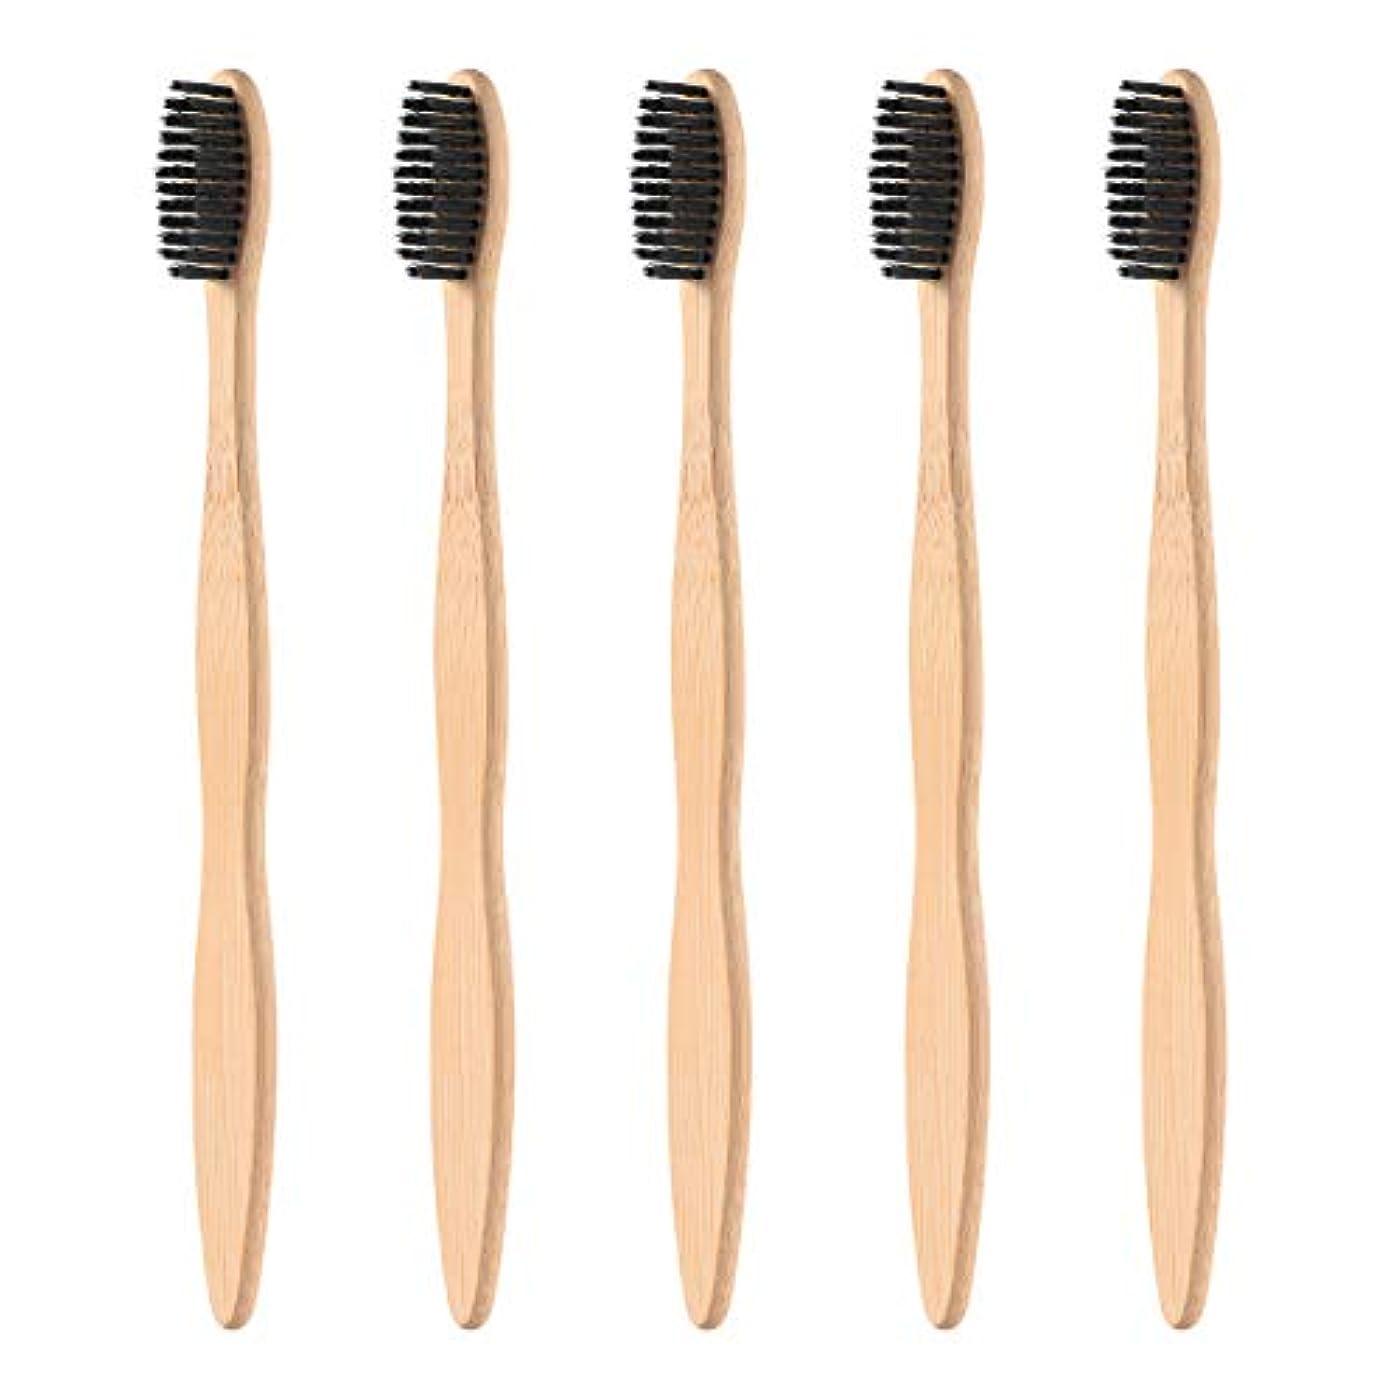 概念麻痺バスHealifty 柔らかい黒い剛毛が付いている5pcsタケハンドルの歯ブラシの自然な木のEcoの友好的な歯ブラシ